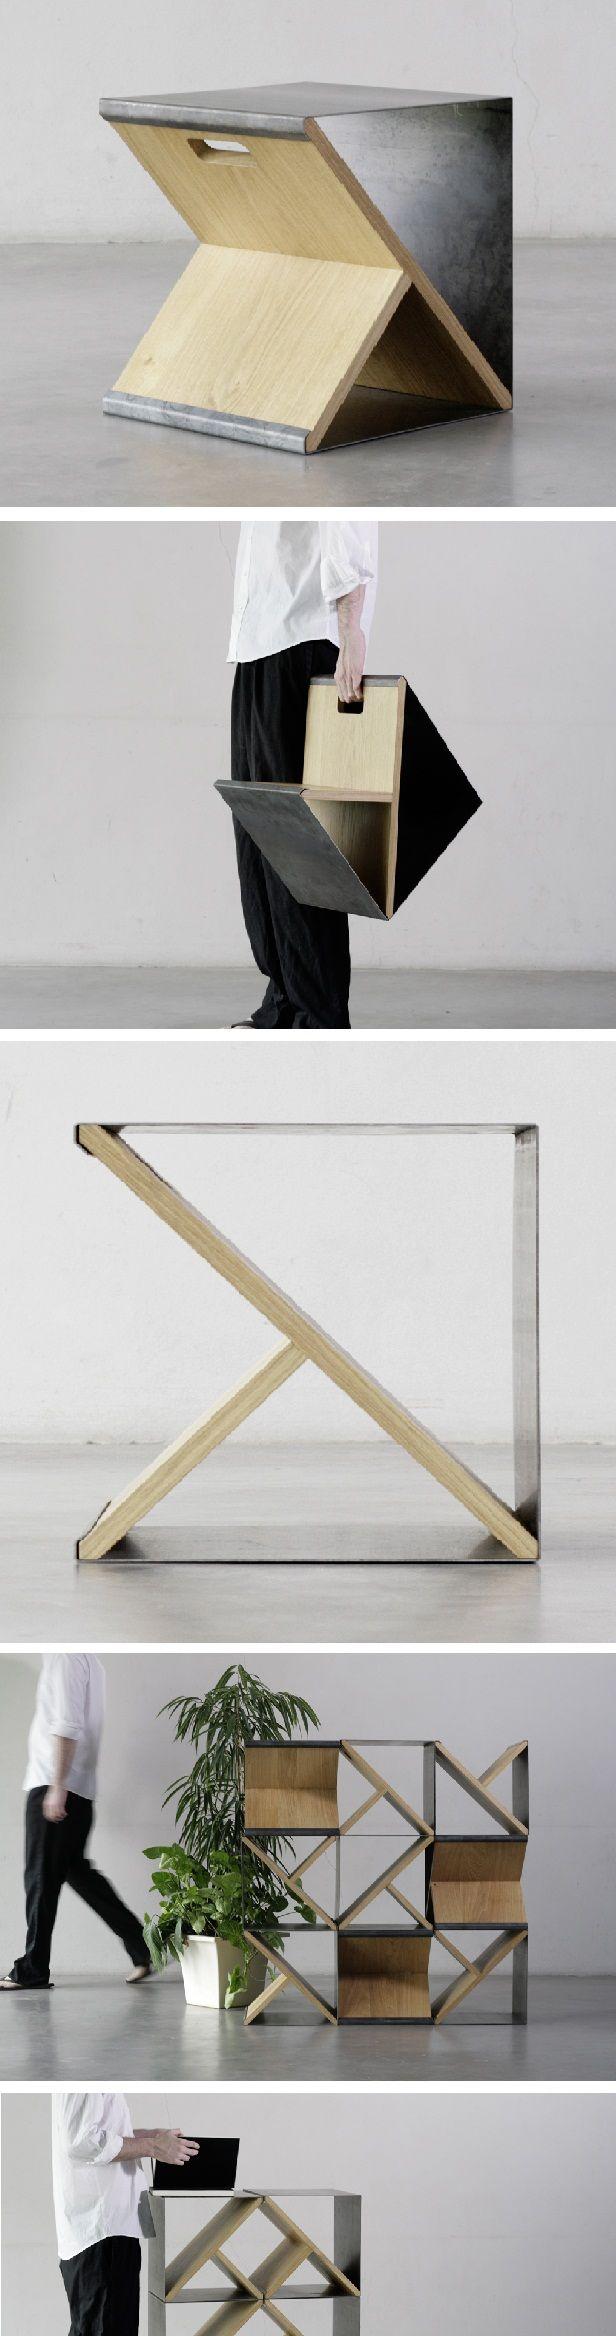 Criada pelos designers Gautier Pelegrin e Vincent Taïani, do Noon Studio, Steel Stool é uma banqueta minimalista de aço e madeira, feita à mão em edição limitada. Medindo 35x35x35cm) pode ser usada como banqueta, revisteiro, mesa lateral ou estante. Em uma das faces de madeira há uma abertura para facilitar o transporte. A criação é genial: uma chapa de metal dobrada seis vezes para encaixar-se perfeitamente às extremidades de duas tábuas de madeira estruturadas em T.